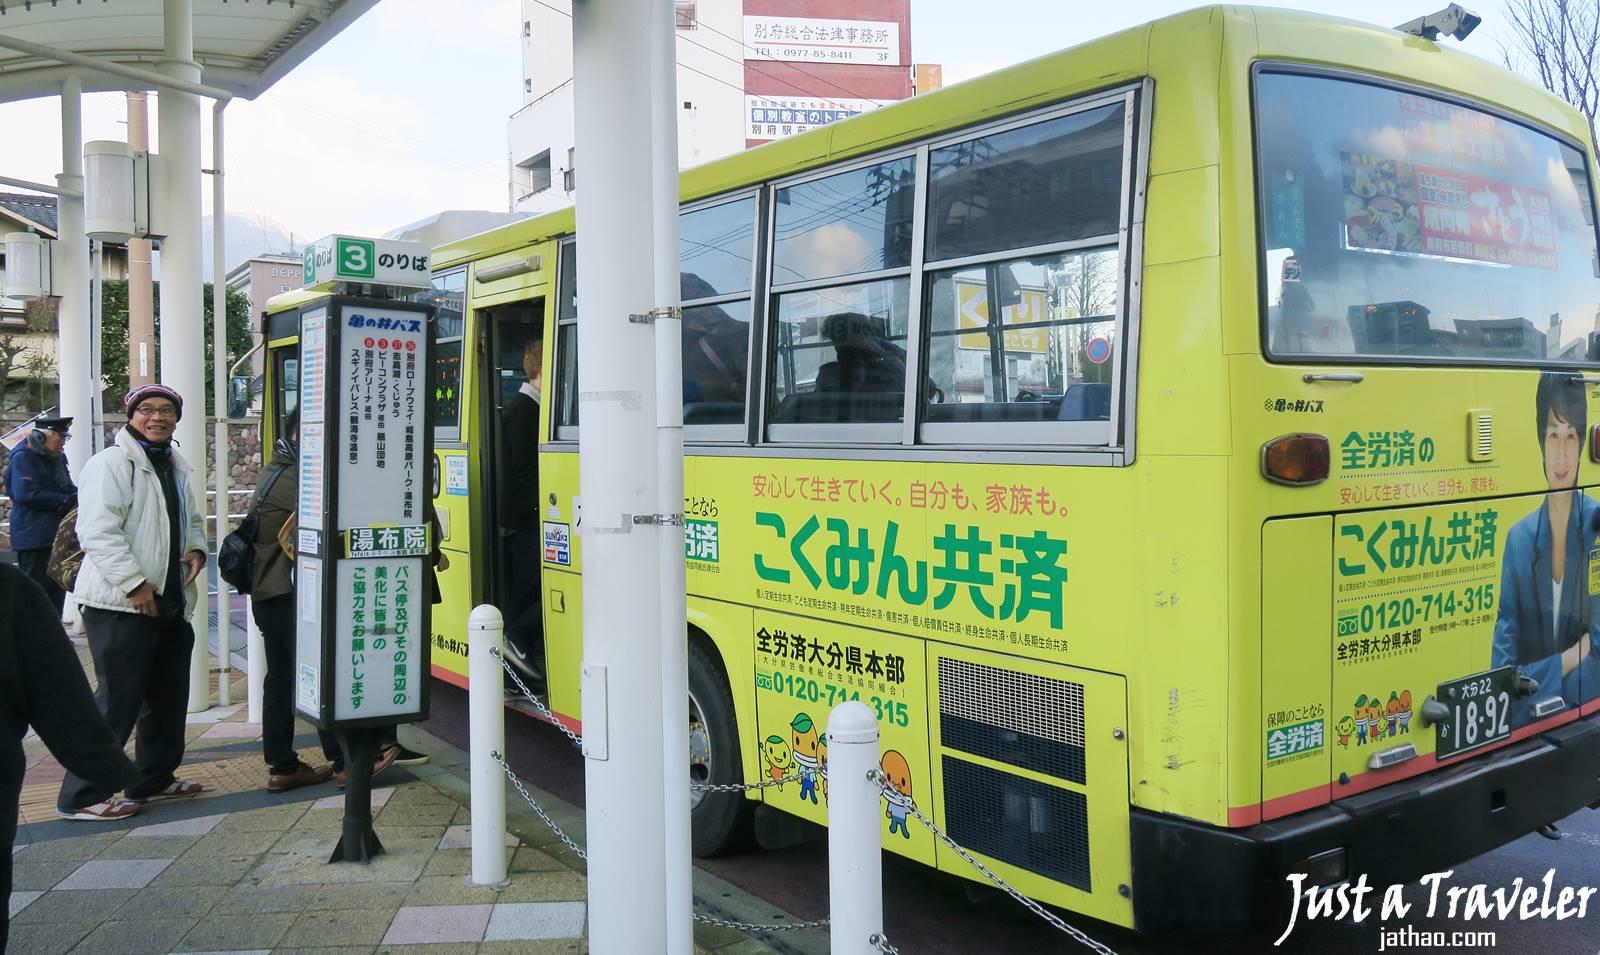 九州-由布院-湯布院-交通-36號路線巴士-觀光巴士-Yufuin